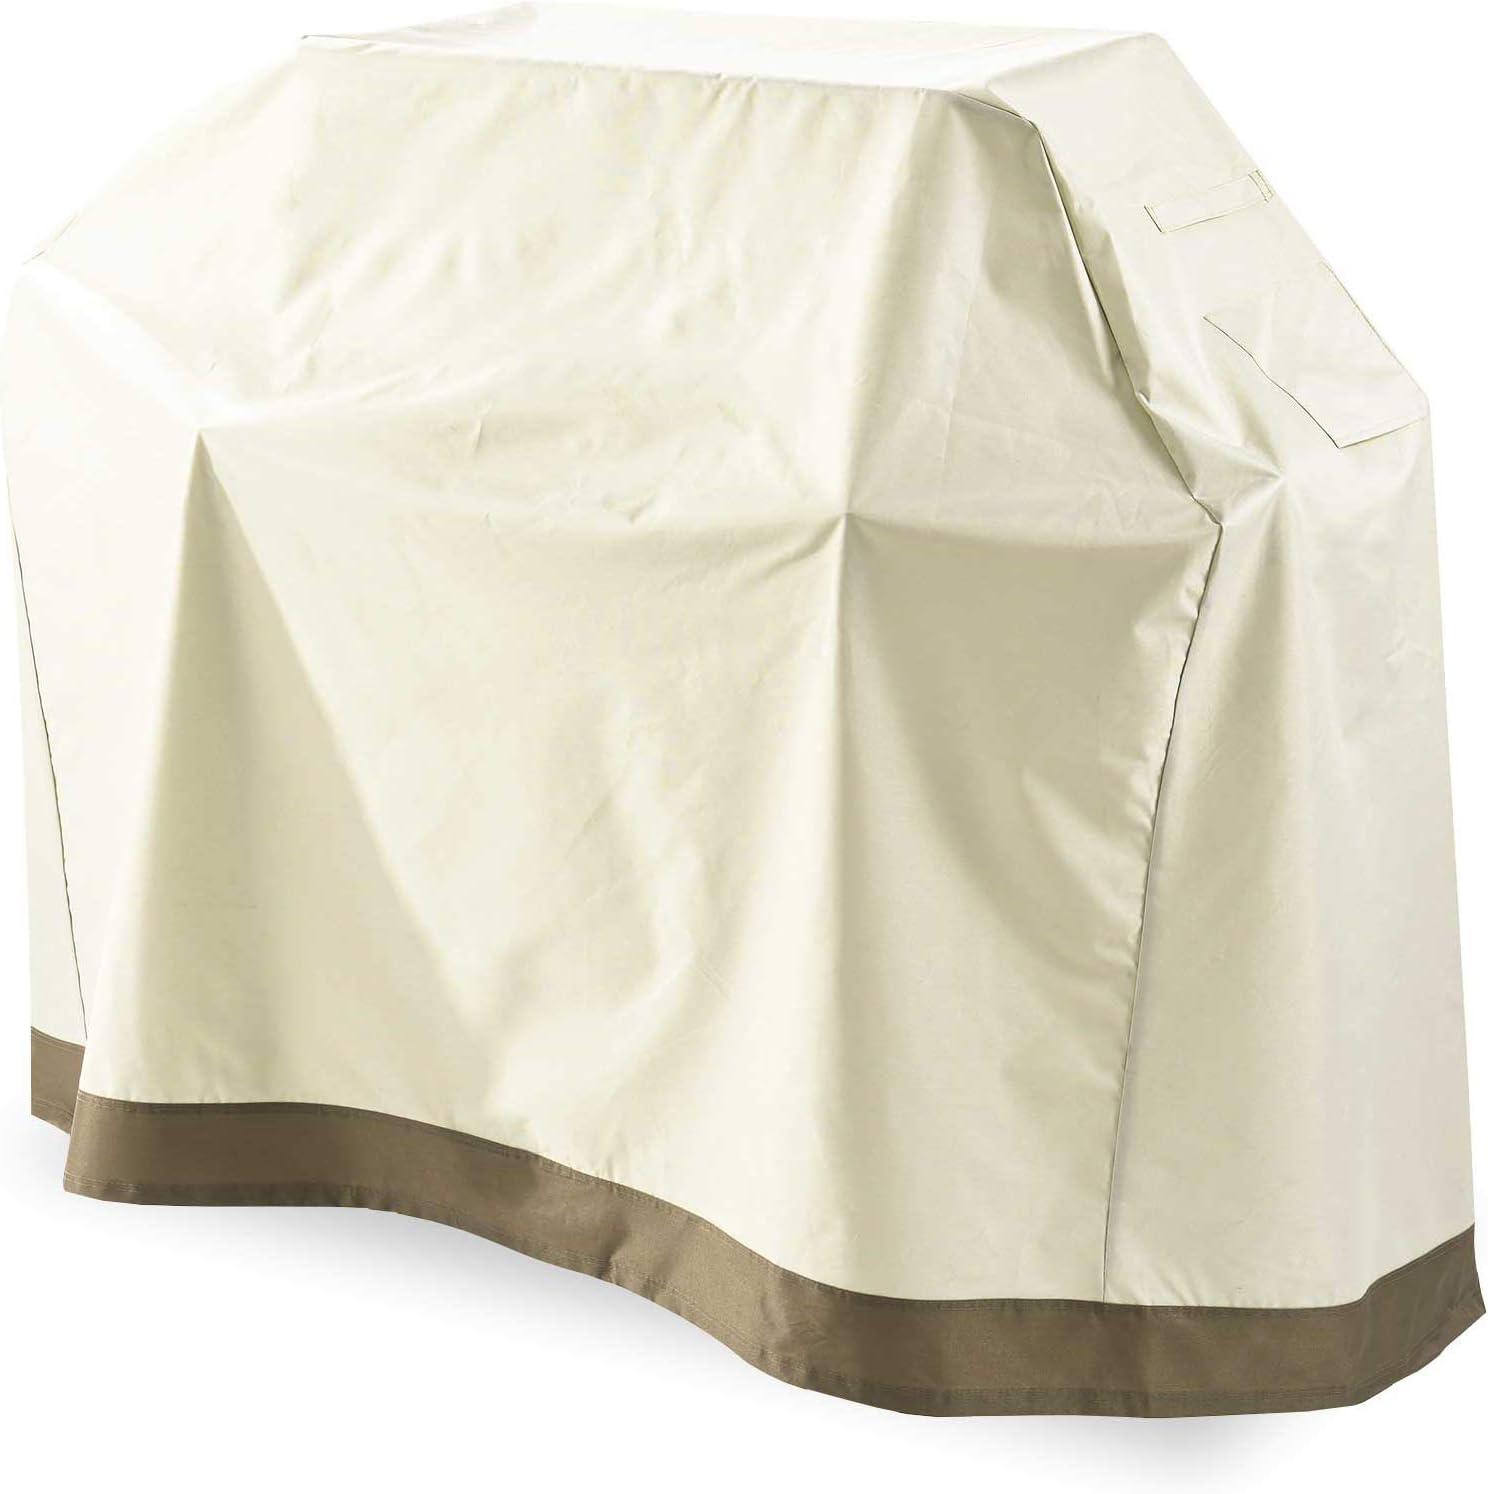 Lumaland Telo Copertura di Protezione per mobili da Giardino Impermeabile Copri Barbecue Griglia 125 H x 63 sp cm Oxford 600D Beige L x 152,4